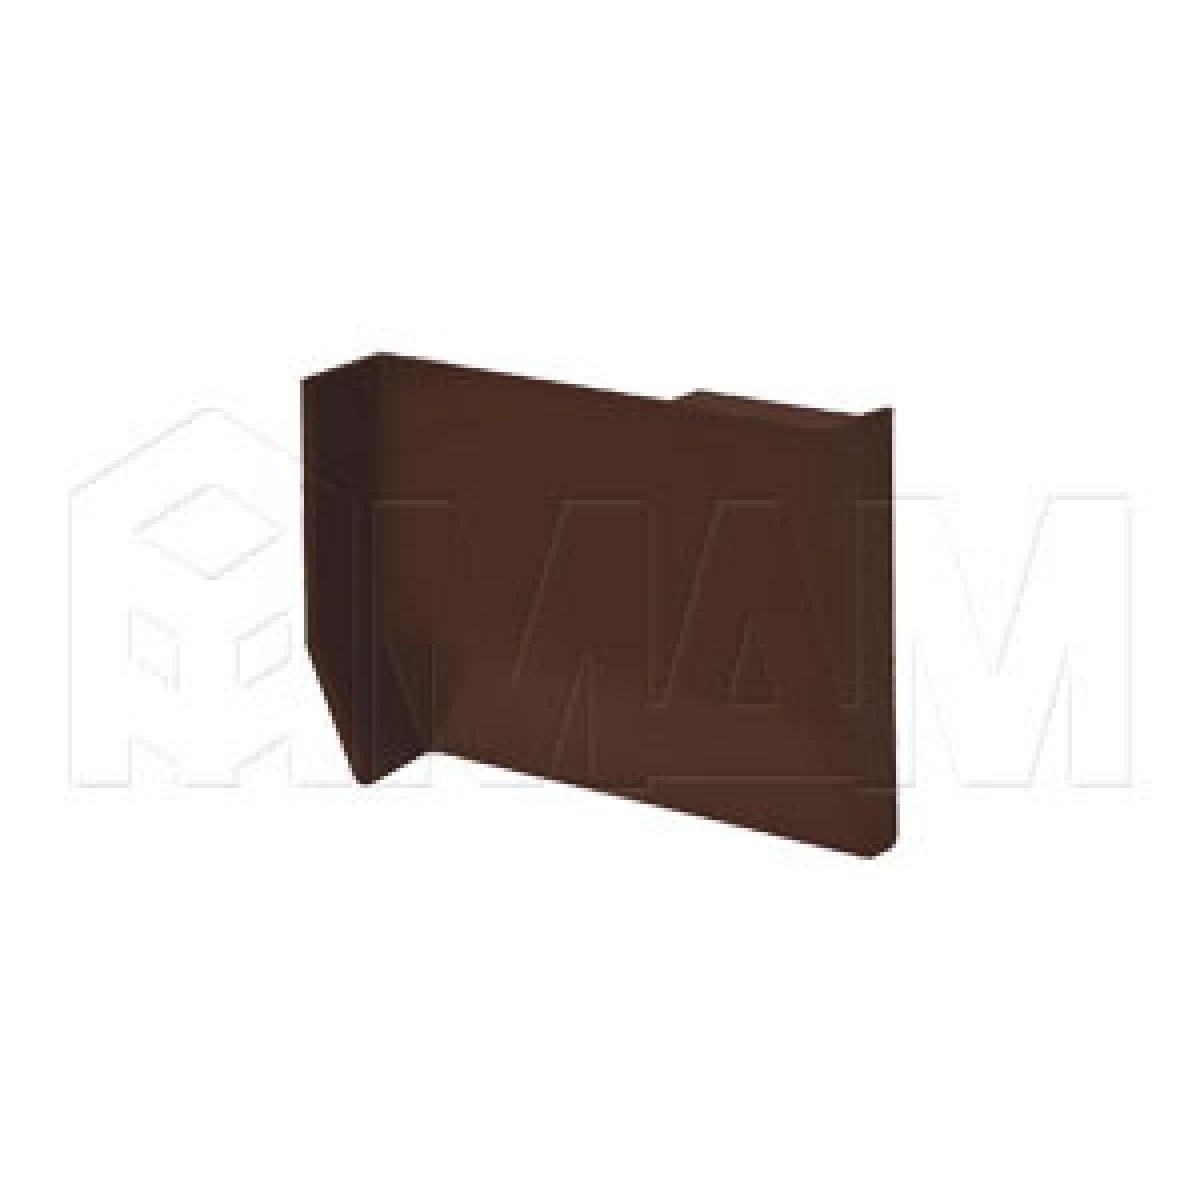 801 Заглушка для мебельного навеса, пластик, темно-коричневая, левая